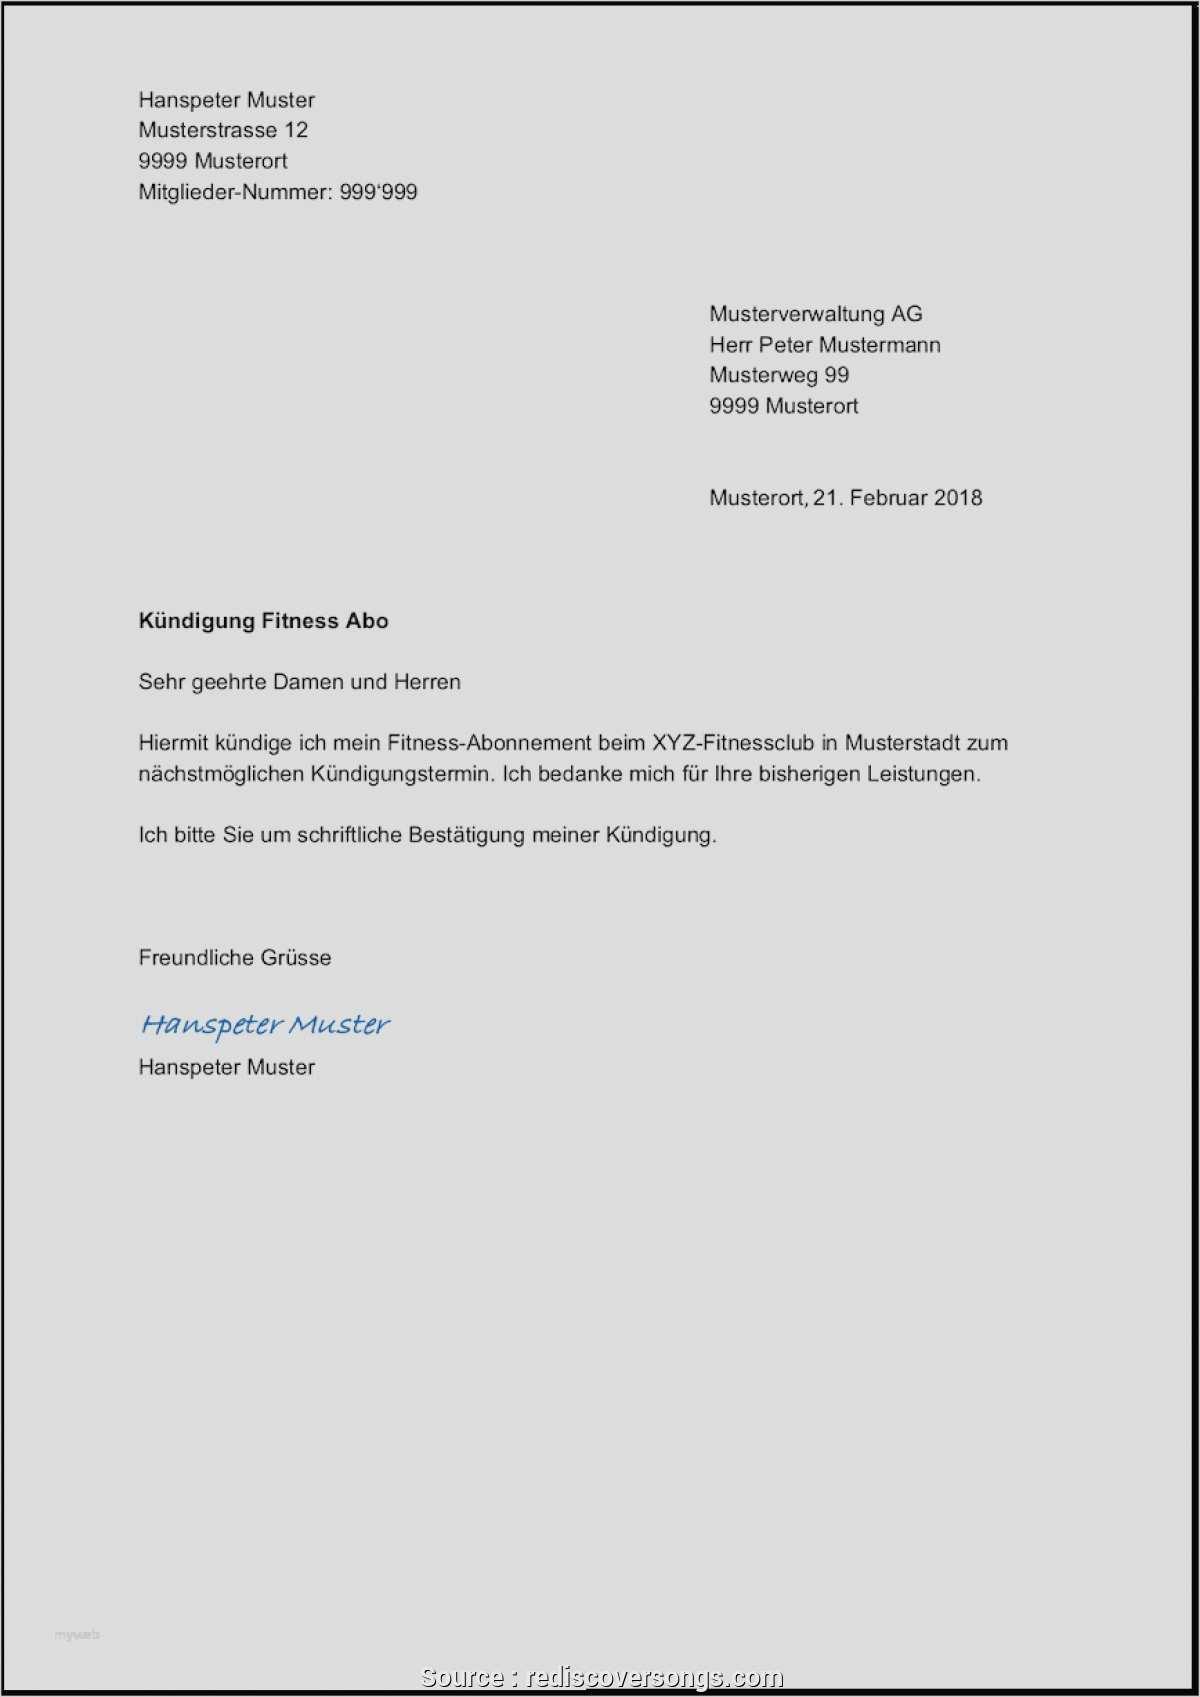 16 Bewundernswert Baubeschreibung Vorlage Doc Sie Konnen Anpassen In Microsoft Word Dillyhearts Com